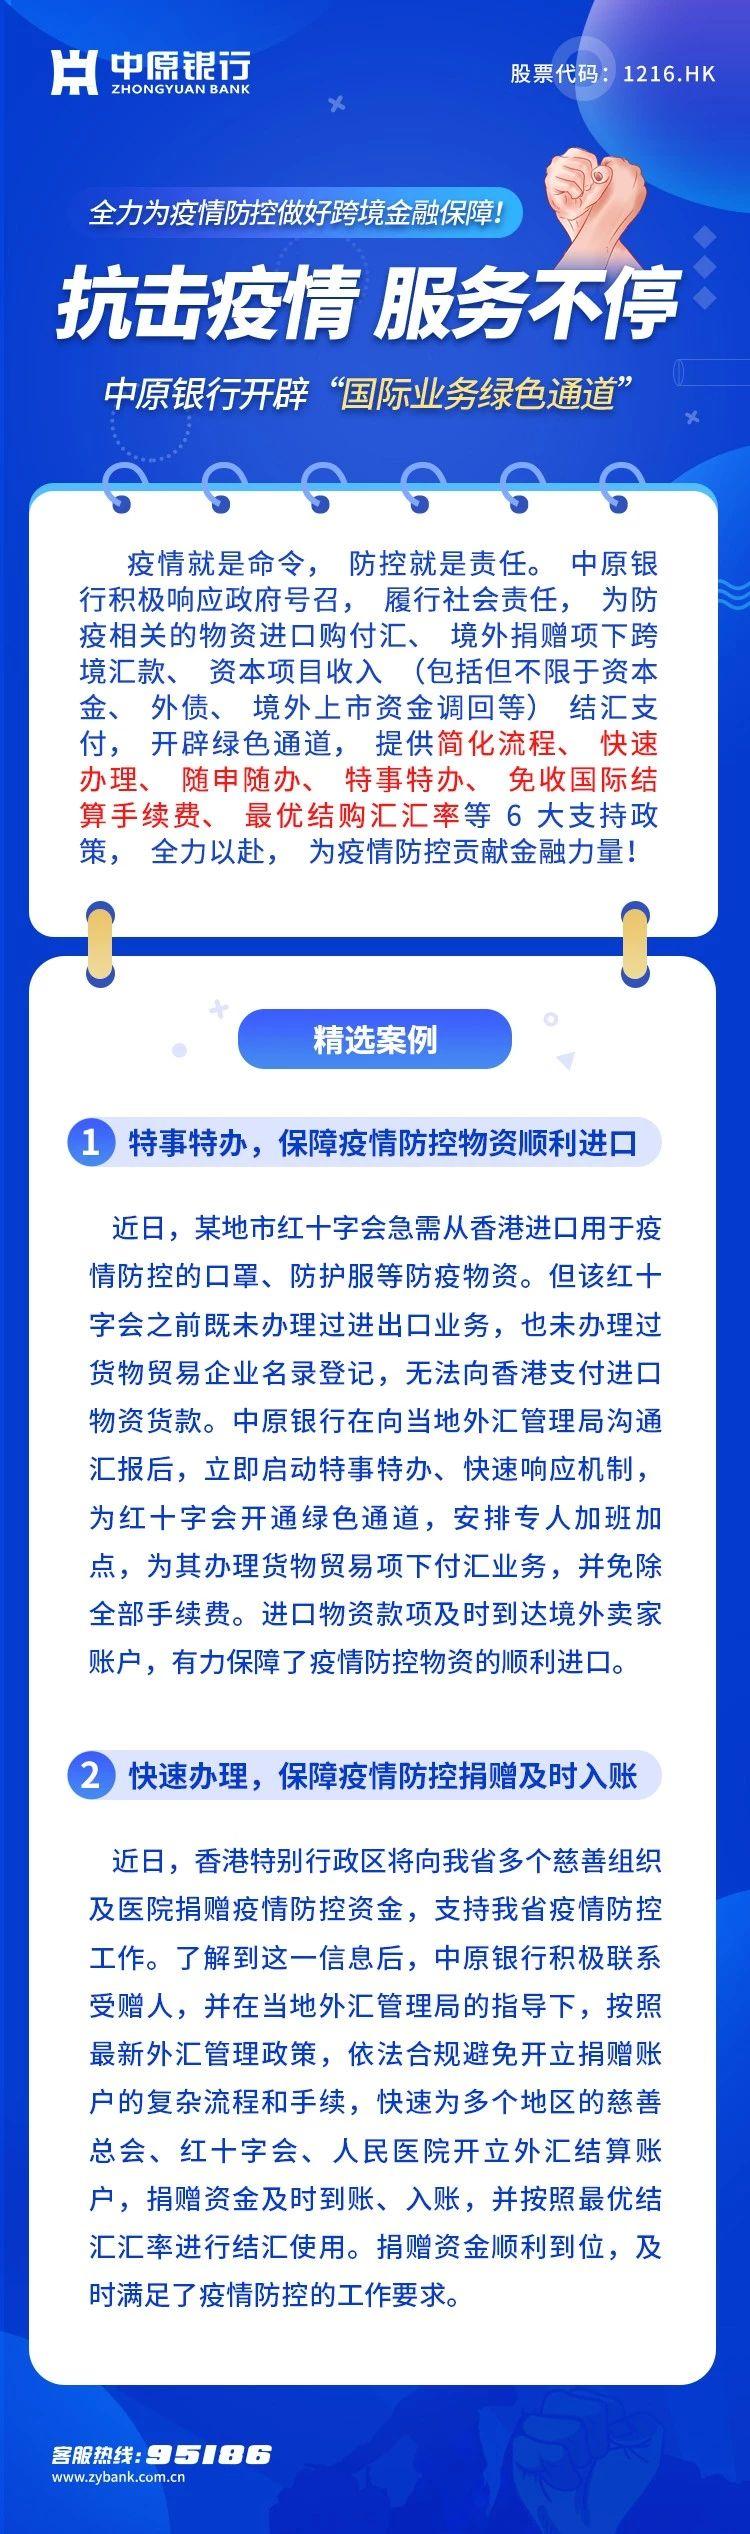 2.14中原银行开辟国际业务绿色通道,全力保障跨境金融服务.jpg